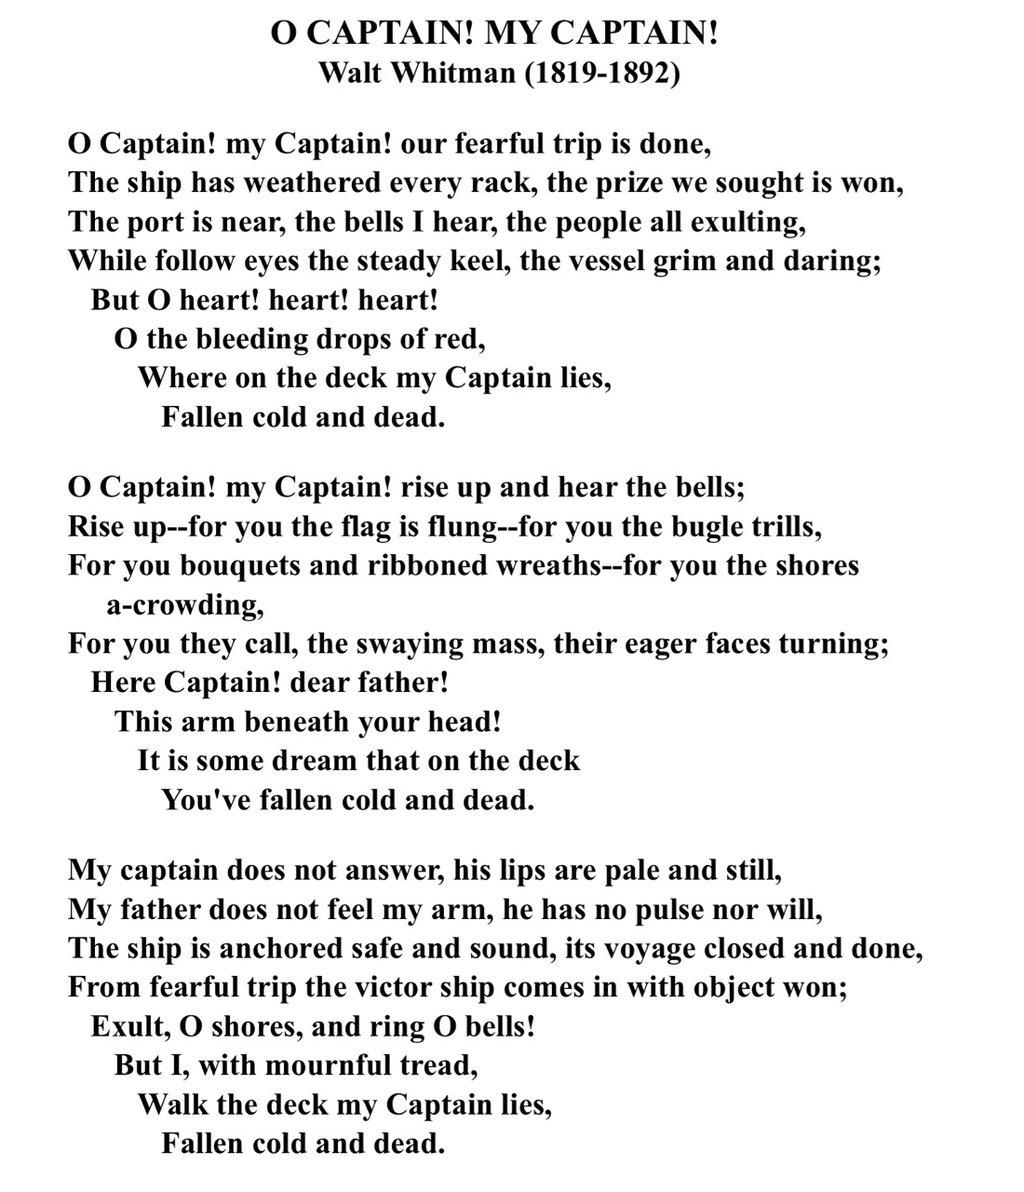 A poem about the civil war for Across Five Aprils